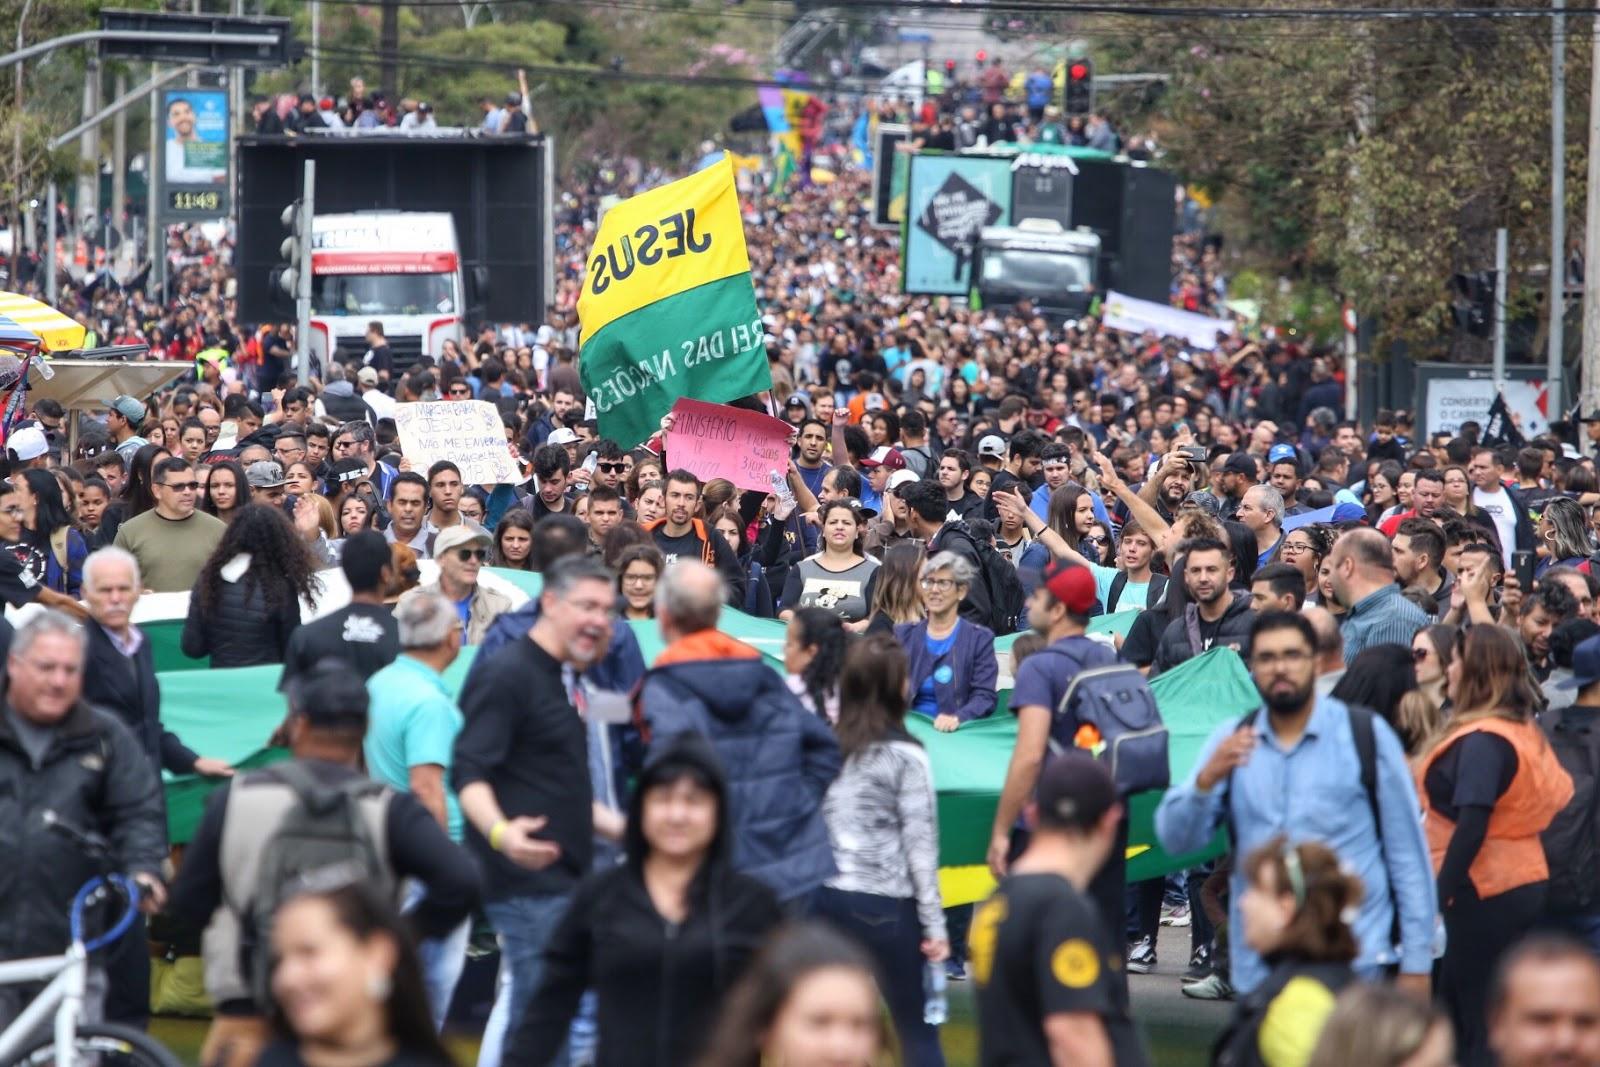 4ª Semana Cultural e Marcha para Jesus movimentam Curitiba